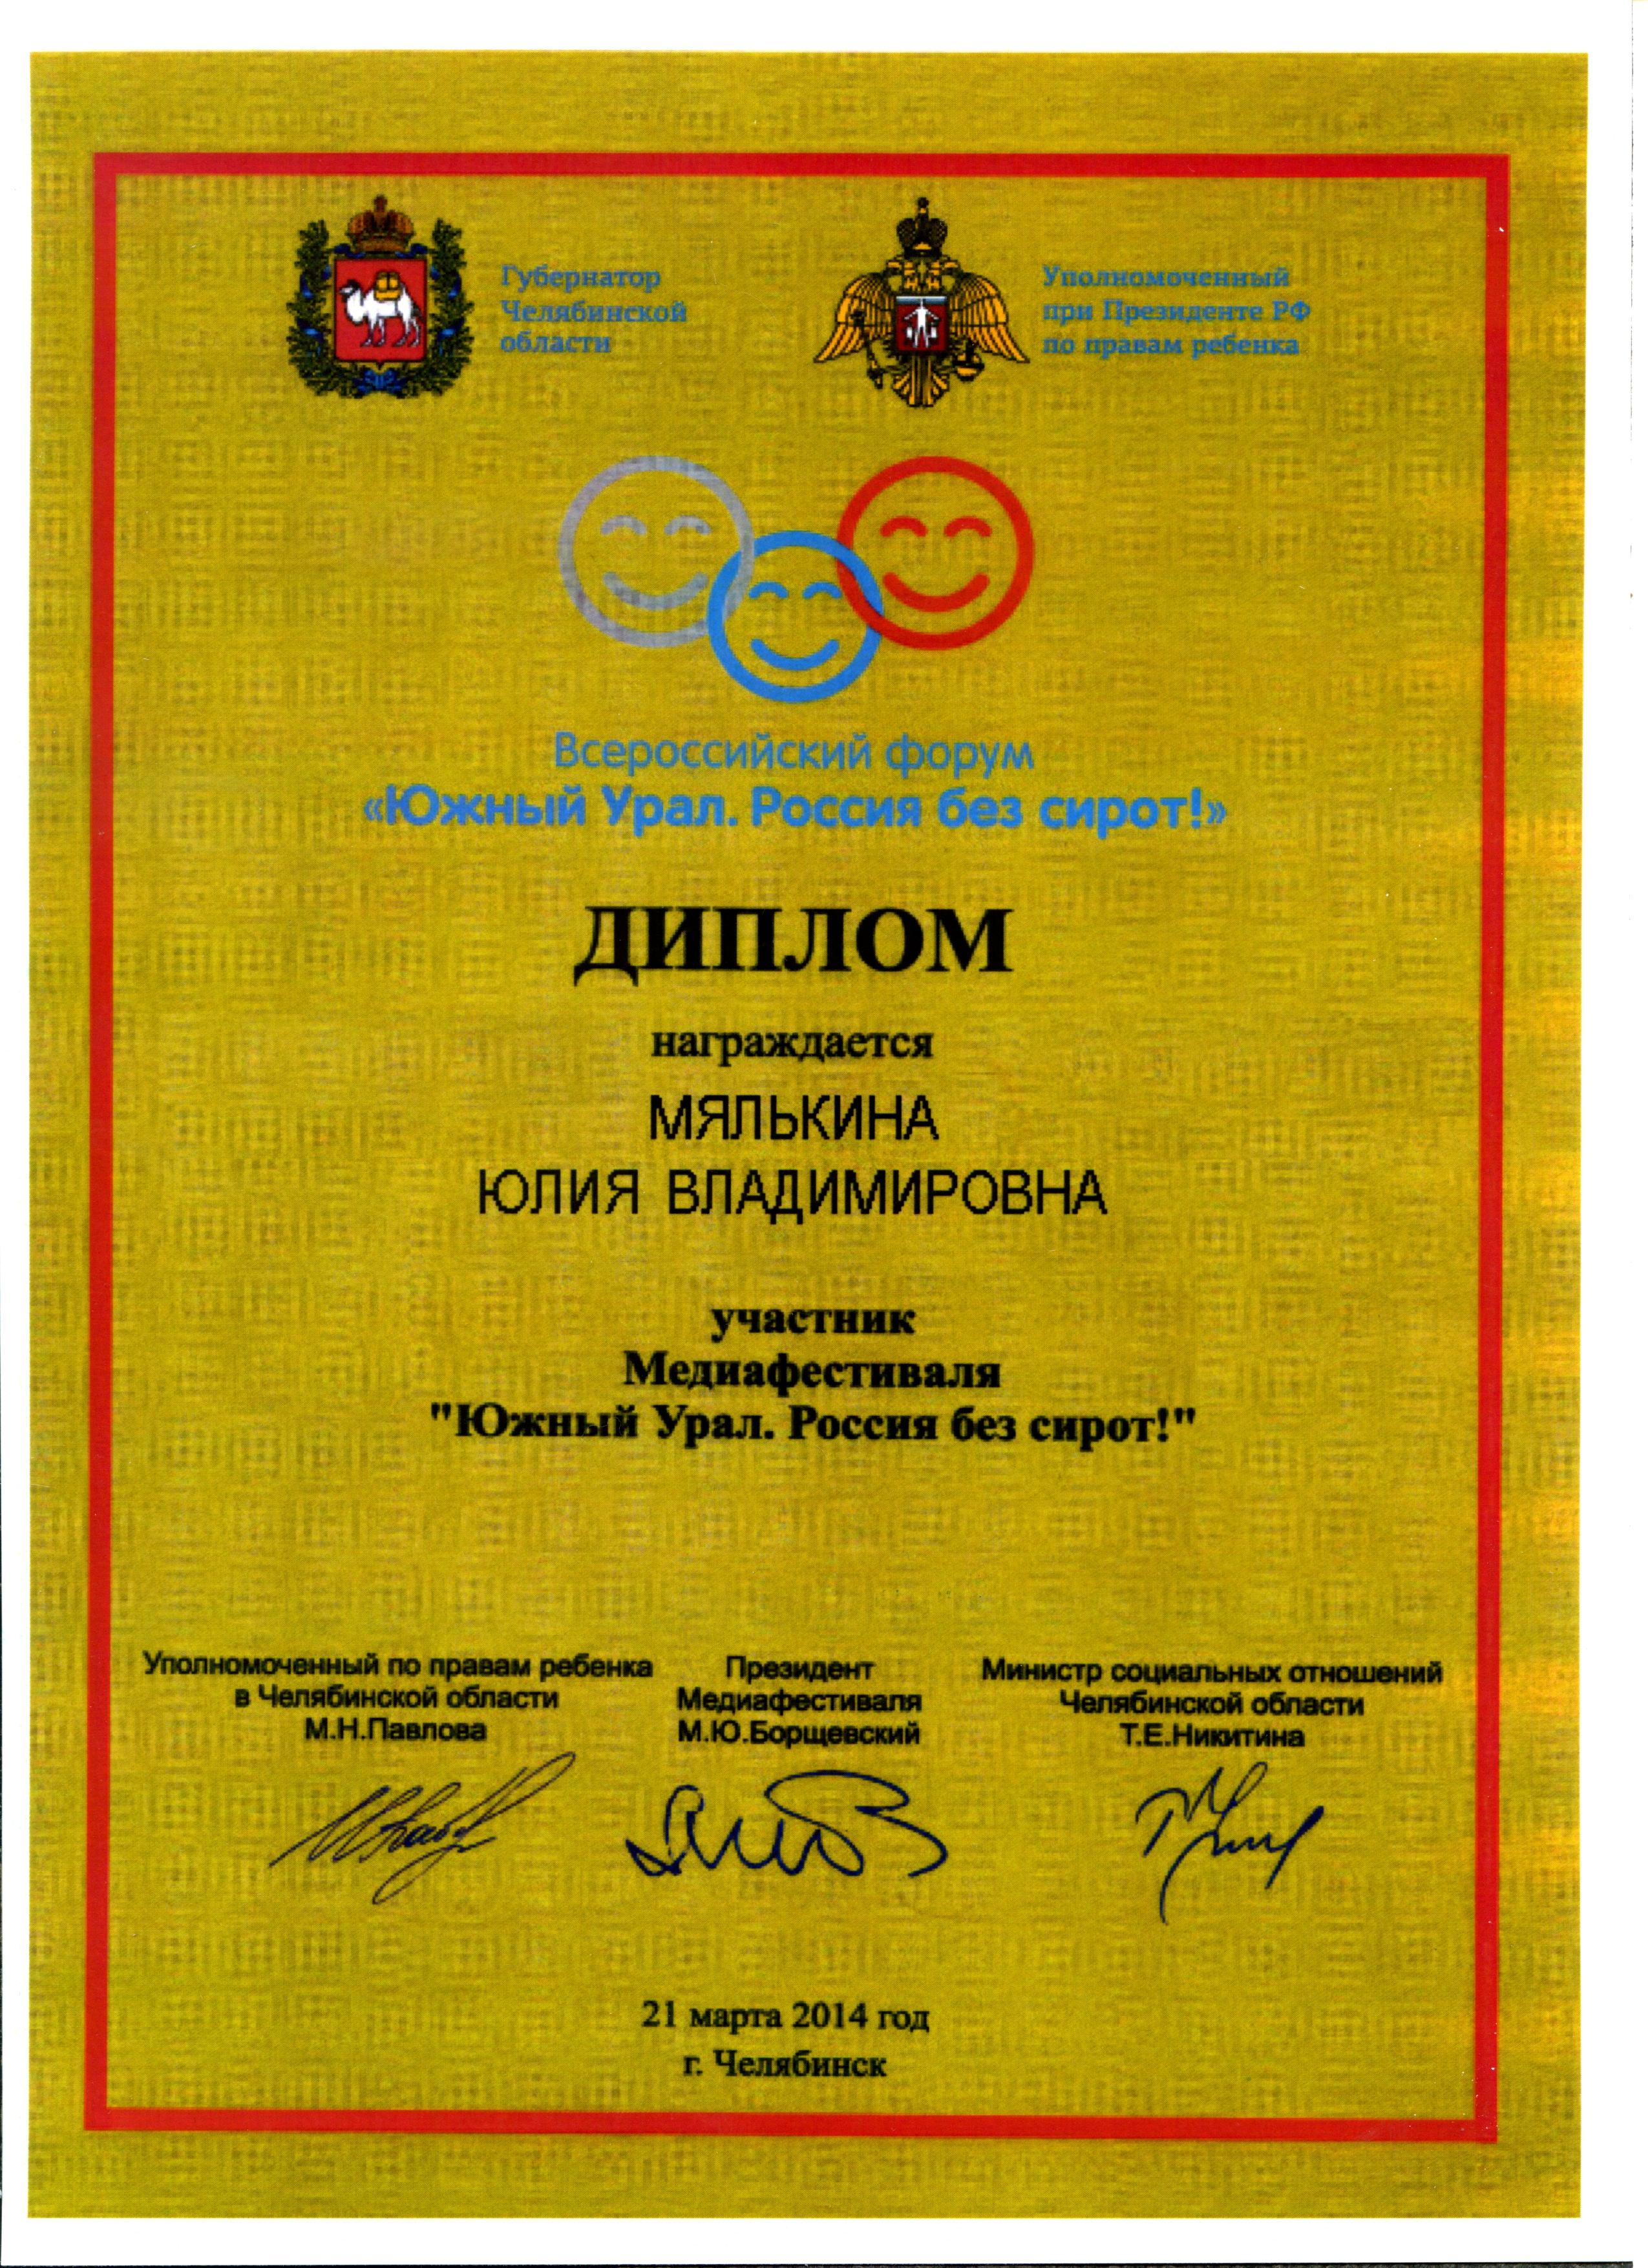 Приложение 3 Южный Урал. Россия без сирот